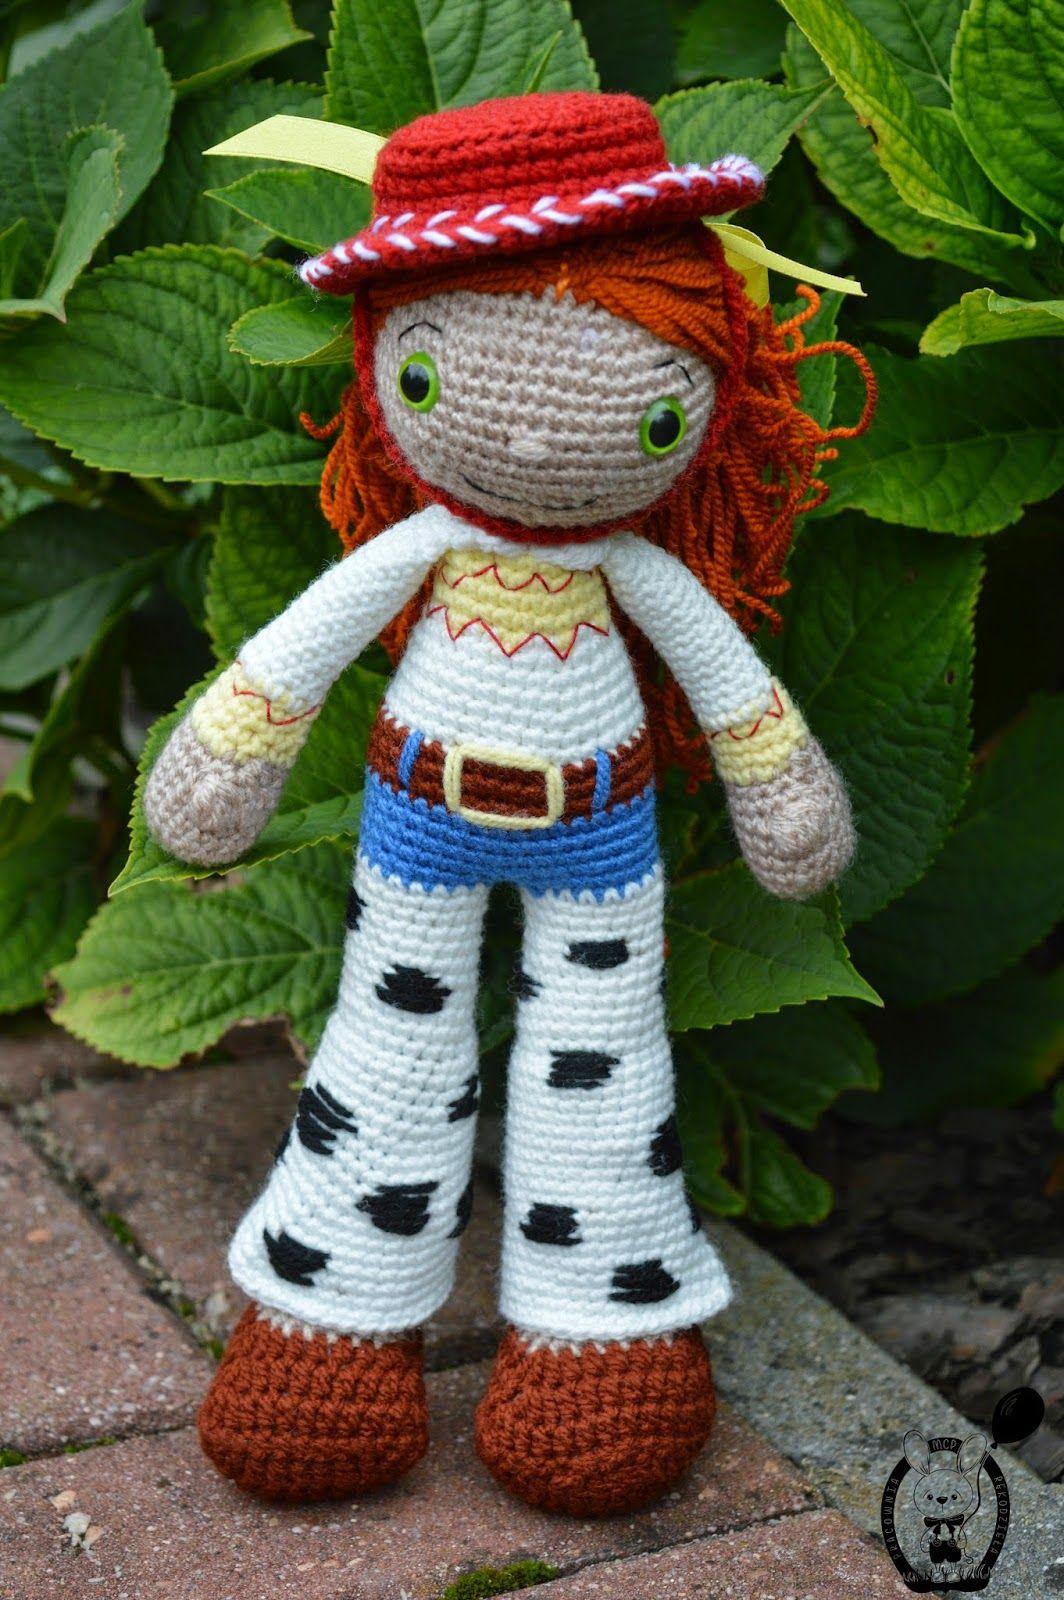 My Crochet Privacy ...: Lalka Jessie (Toy Story) / Jessie the Doll ...